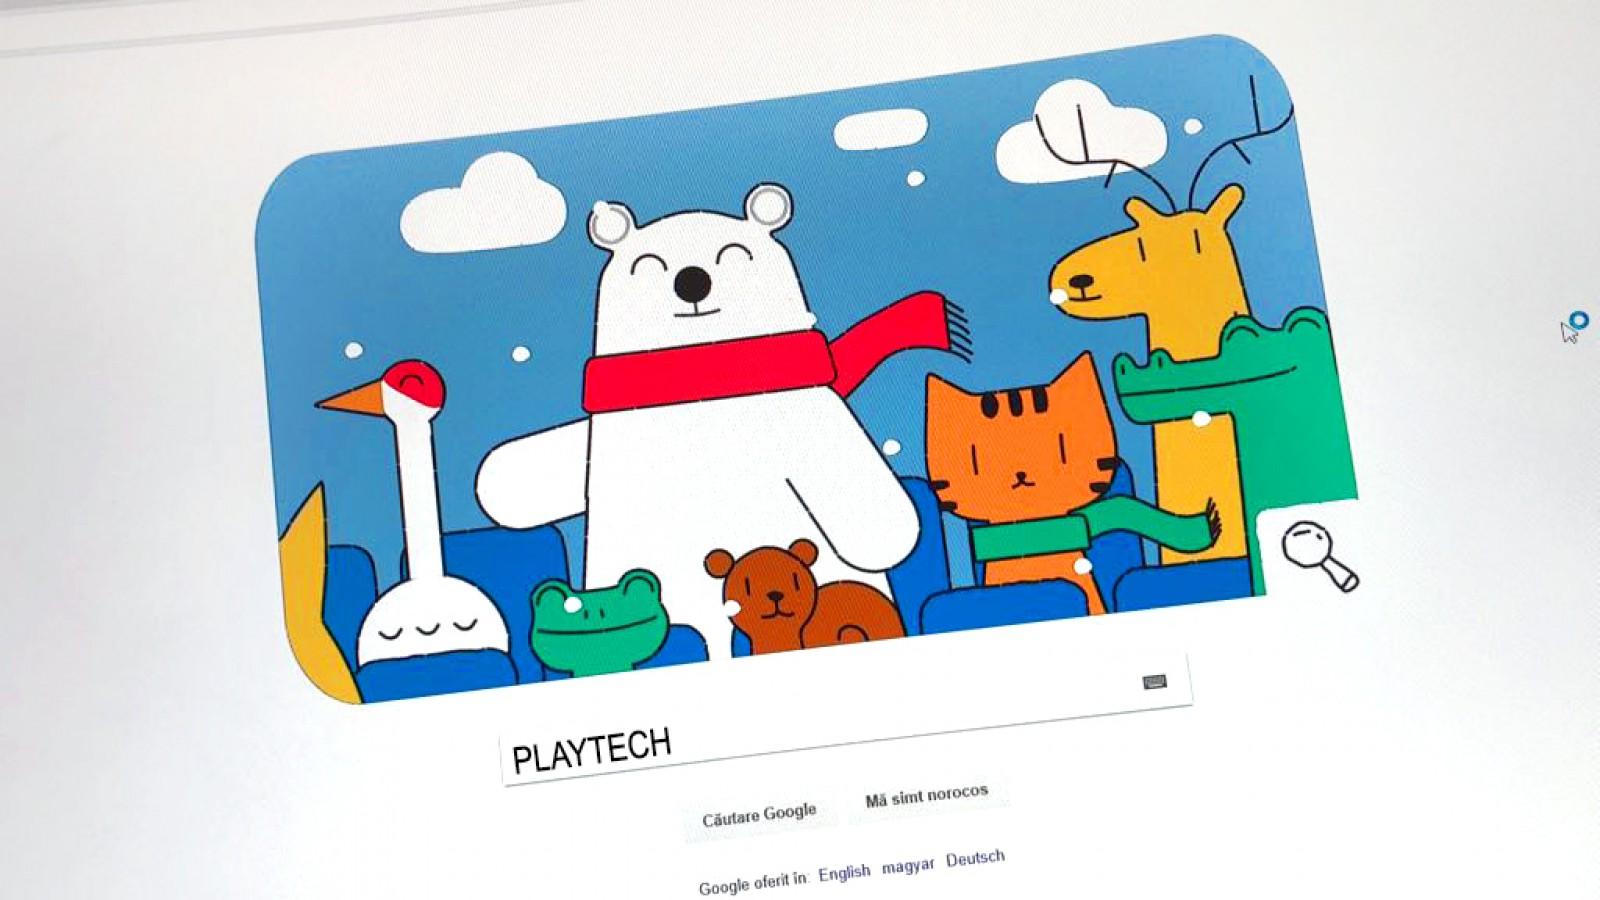 Încep Jocurile Olimpice de iarnă 2018: Ce reprezintă noul Google Doodle